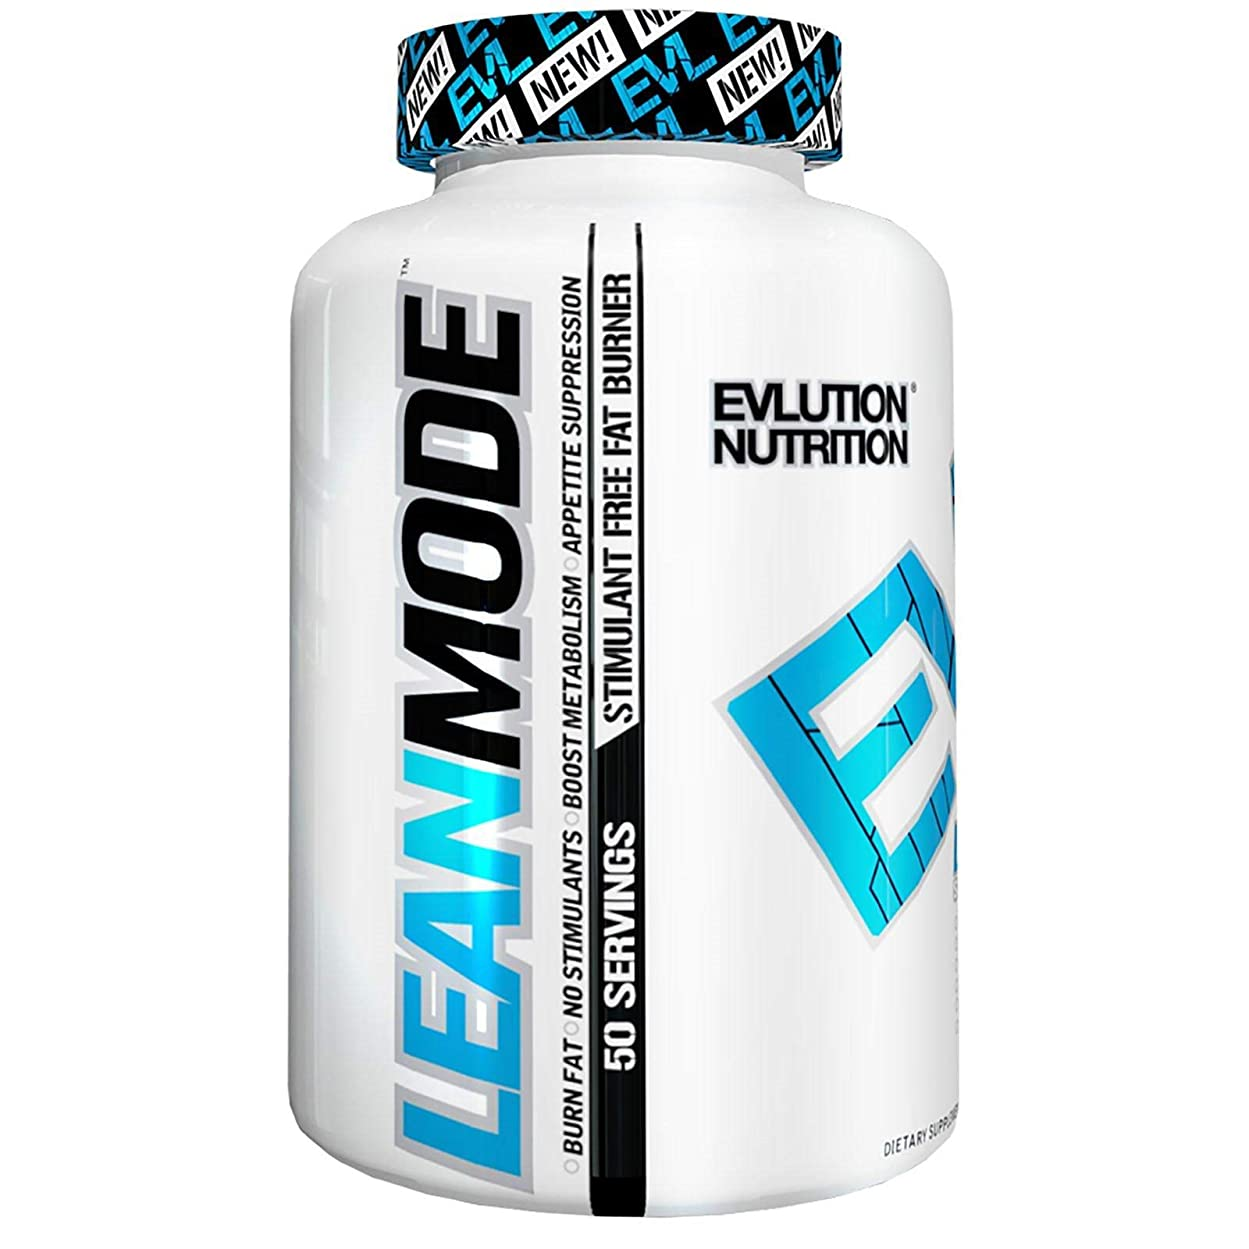 家事をするスポーツの試合を担当している人お願いしますEVLution Nutrition リーンモード(ウェイトロスサポートサプリ?刺激物なし)(150カプセル)(海外直送品)